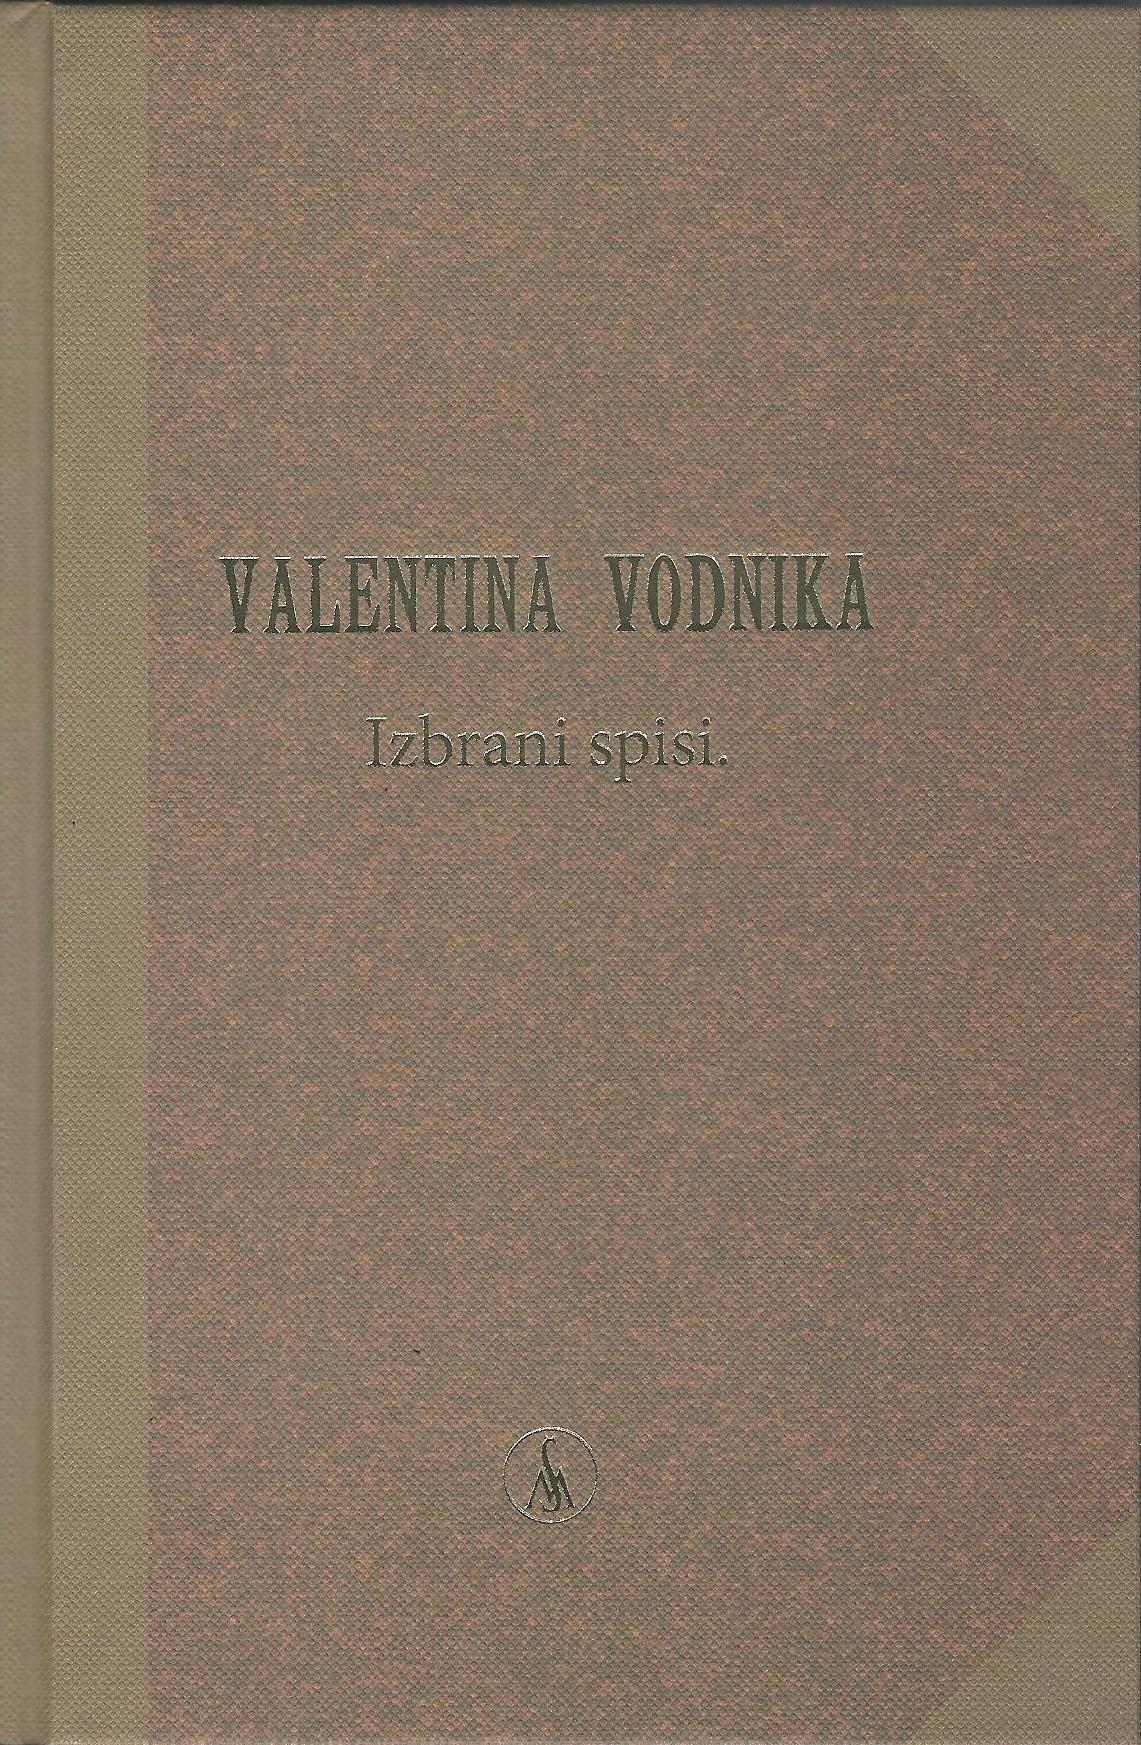 Miklavž Komelj o Izbranih spisih Valentina Vodnika